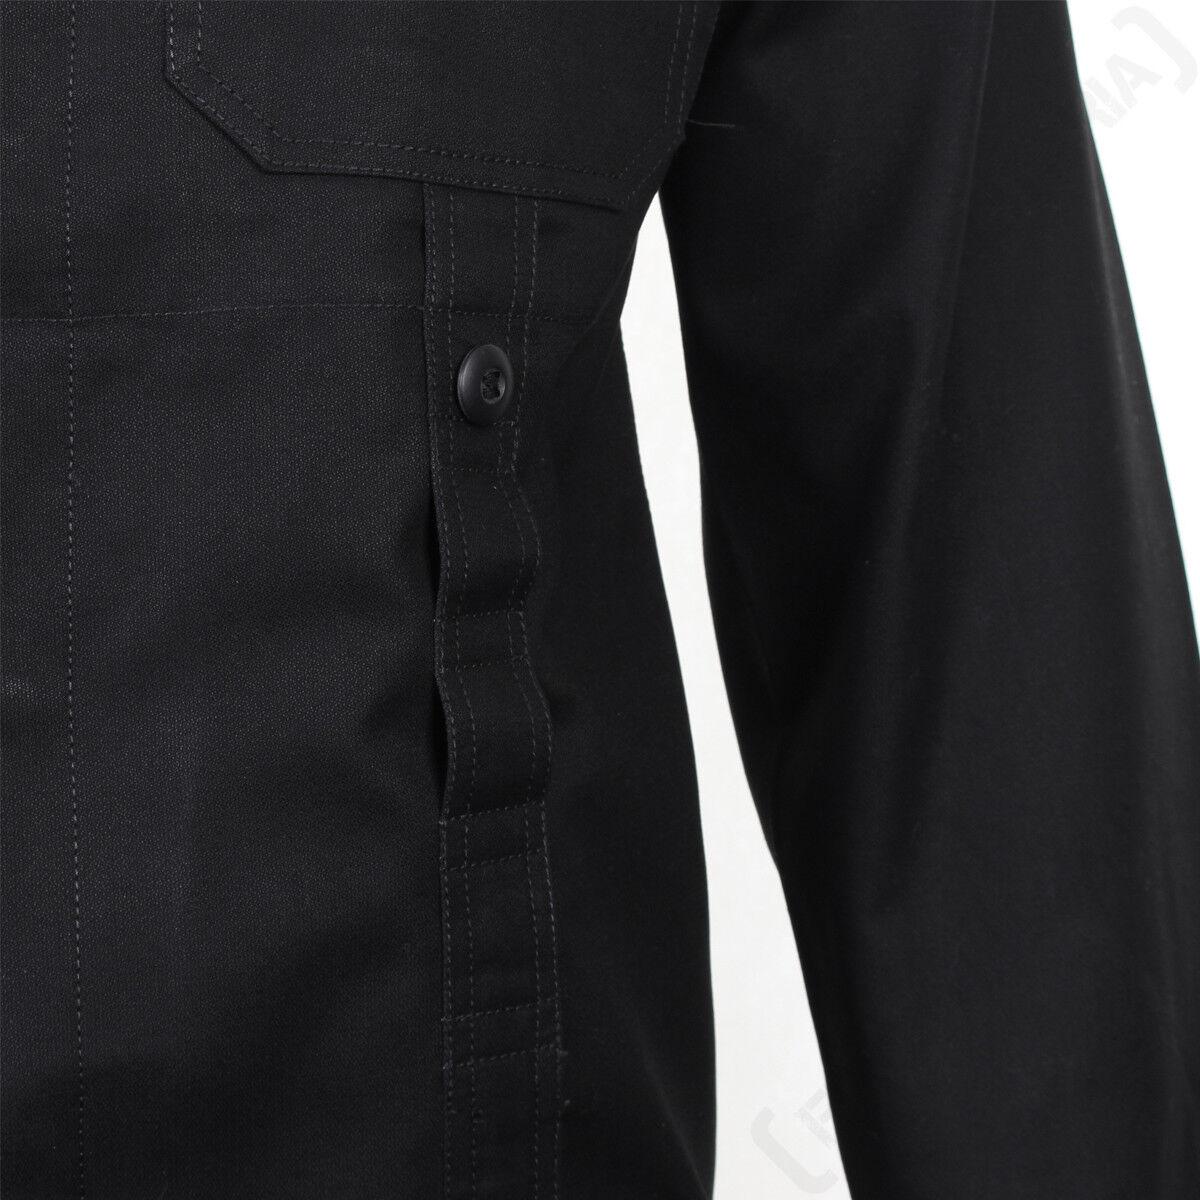 Allemand Style Ancien Taupe Veste De Terrain - Noir Noir Noir 100% Coton Armée Militaire da21f9